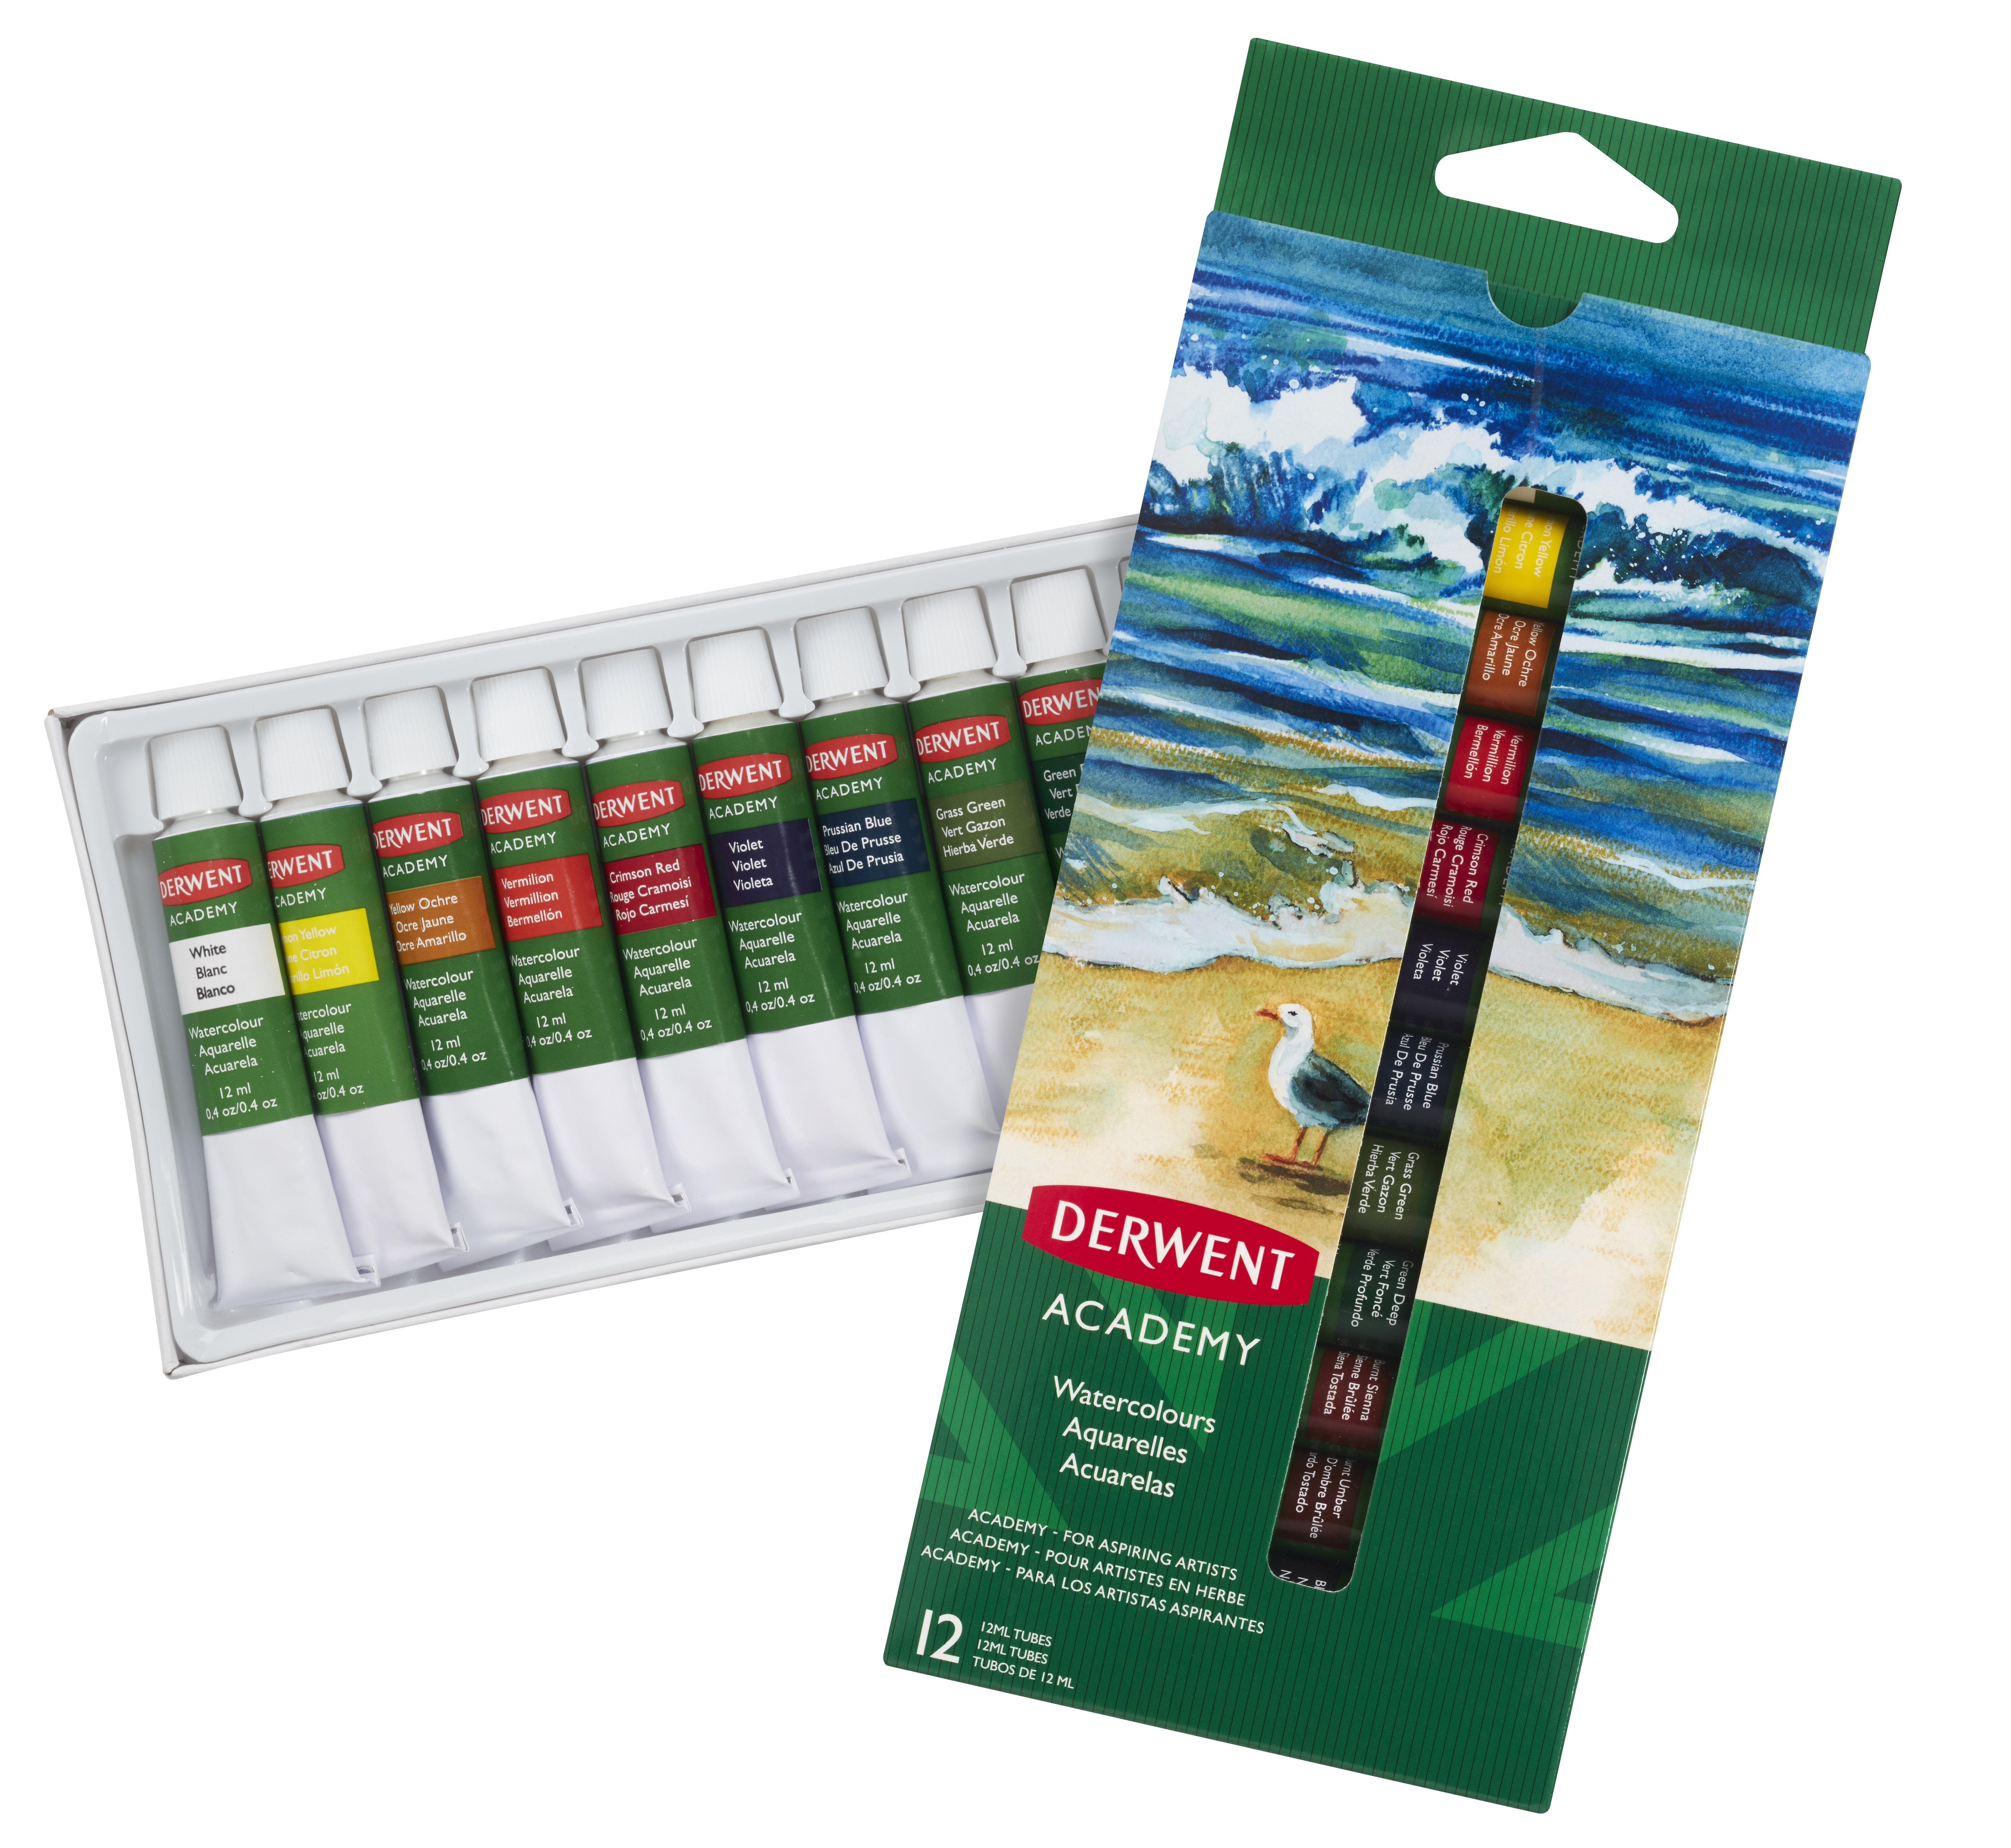 Derwent - Academy Watercolour Paints, Set of 12 x 12ml